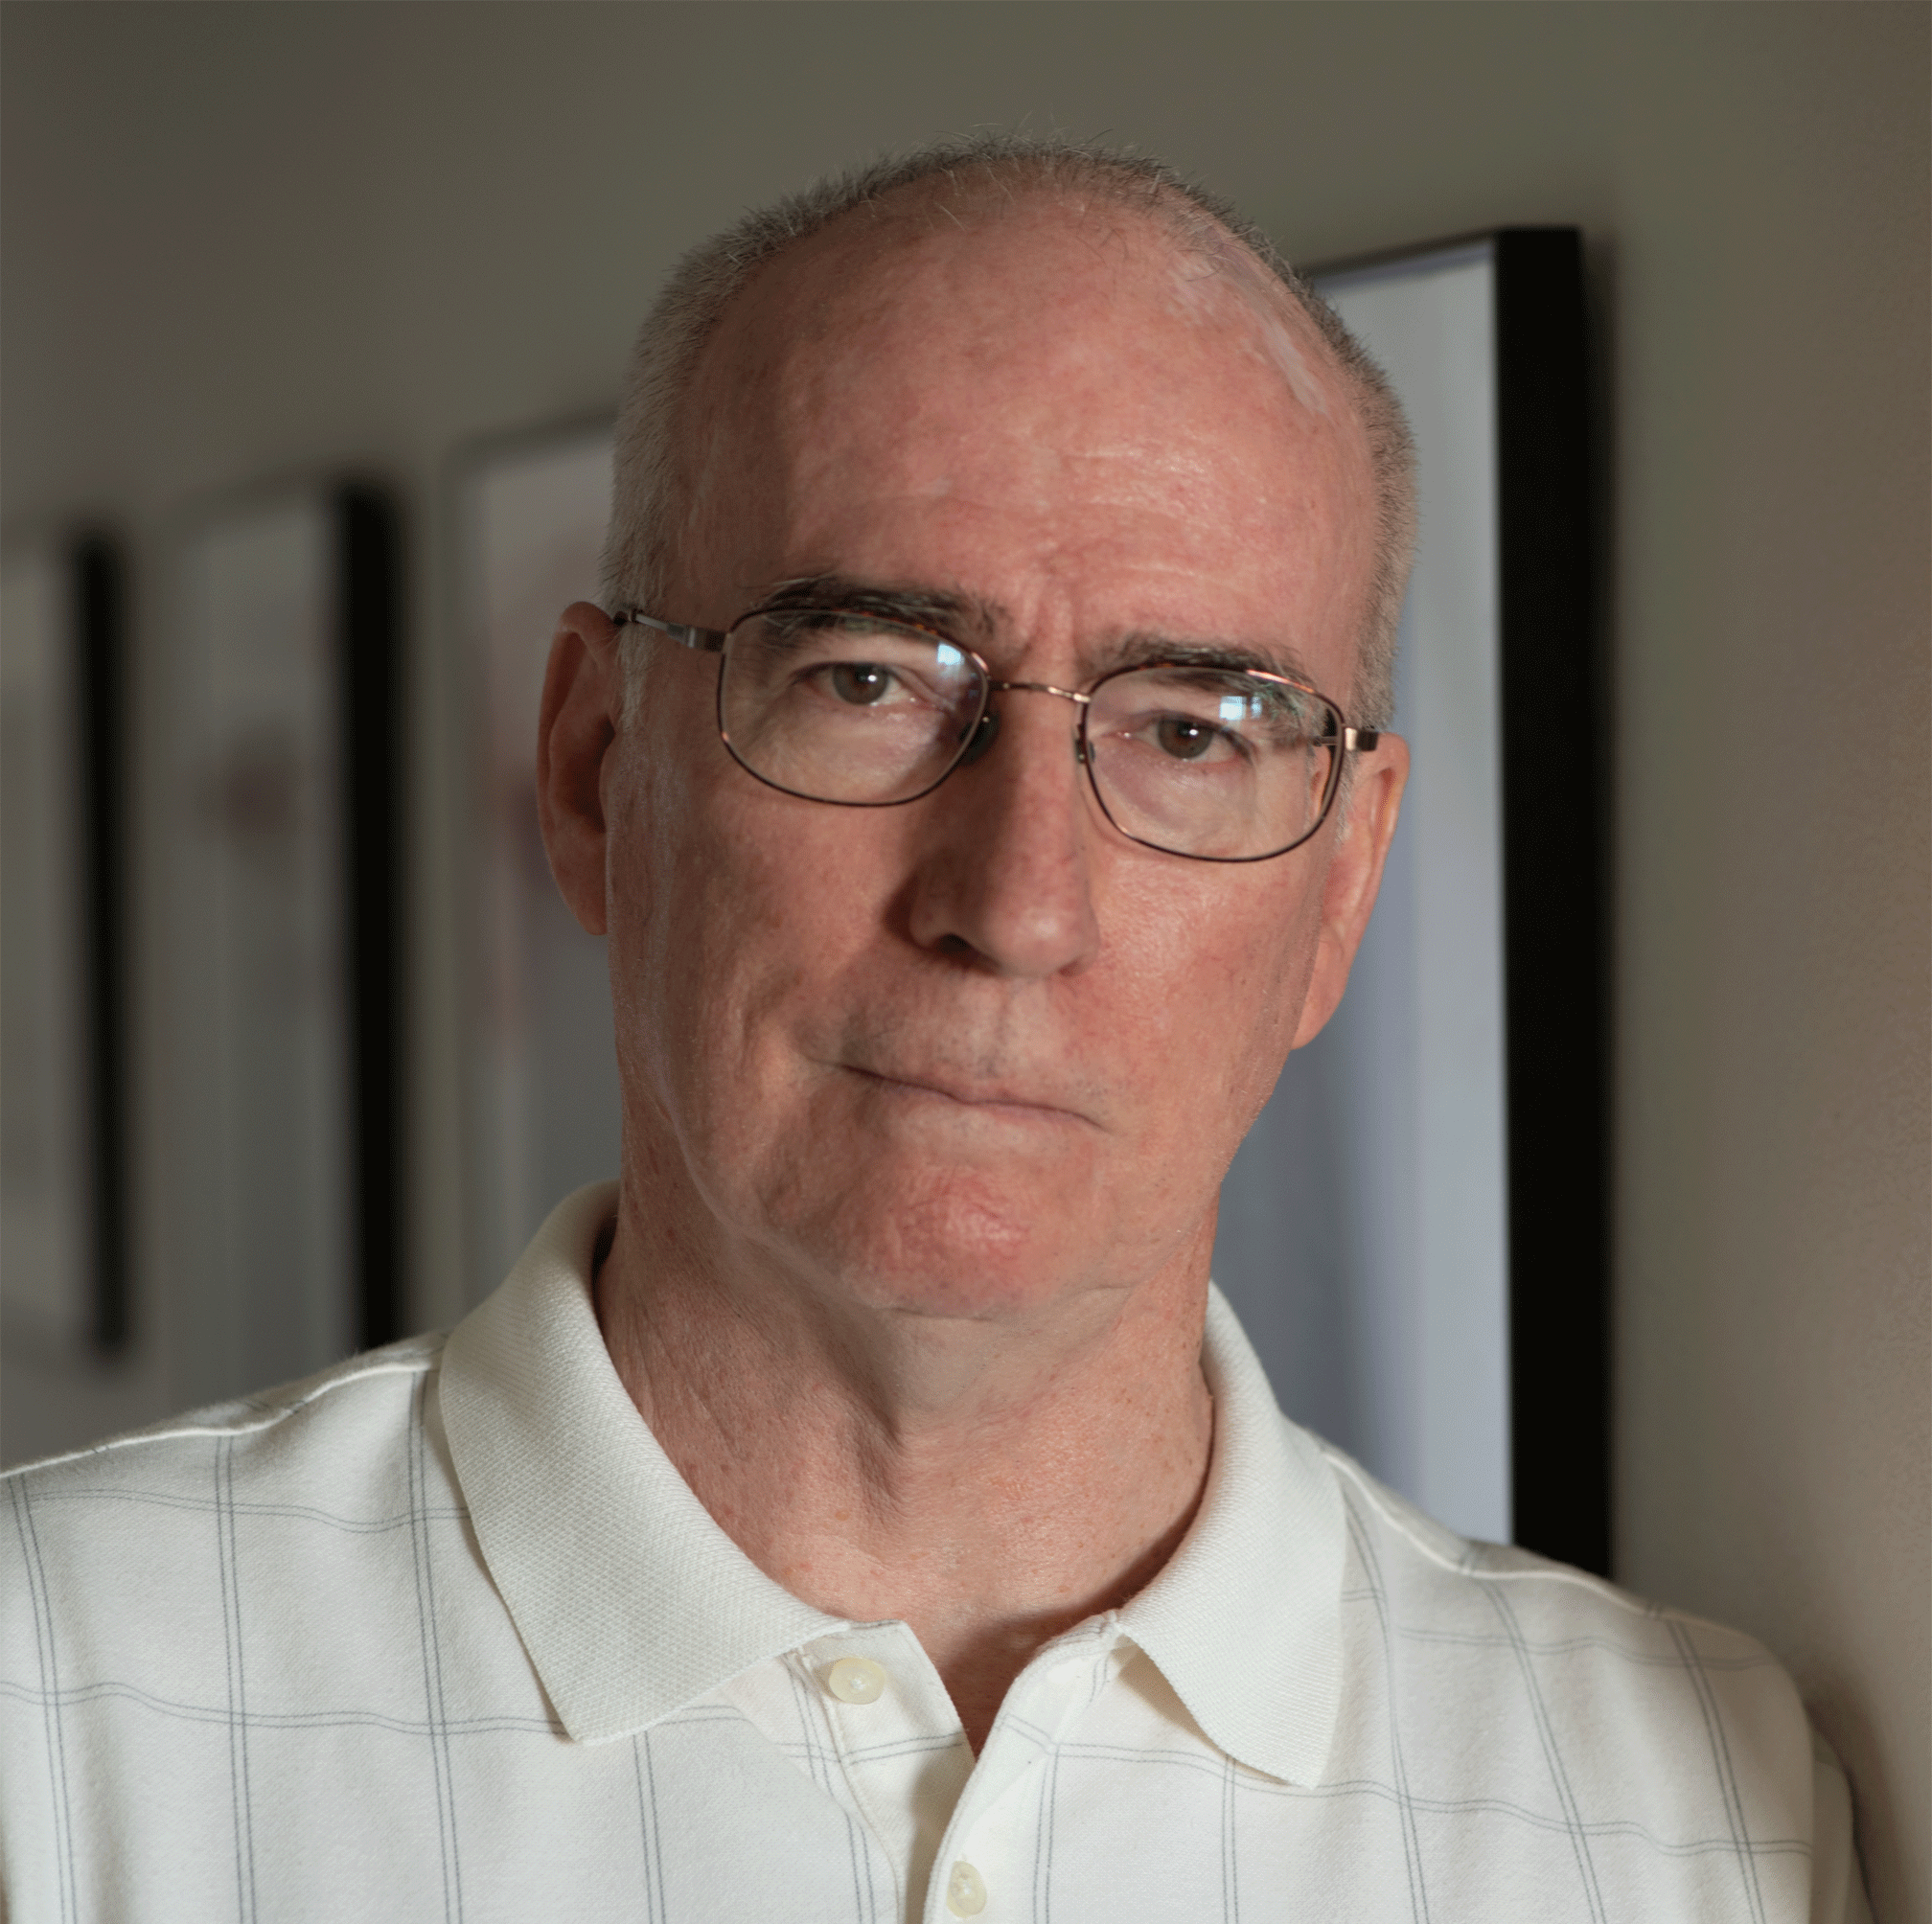 Andrew C. Eads